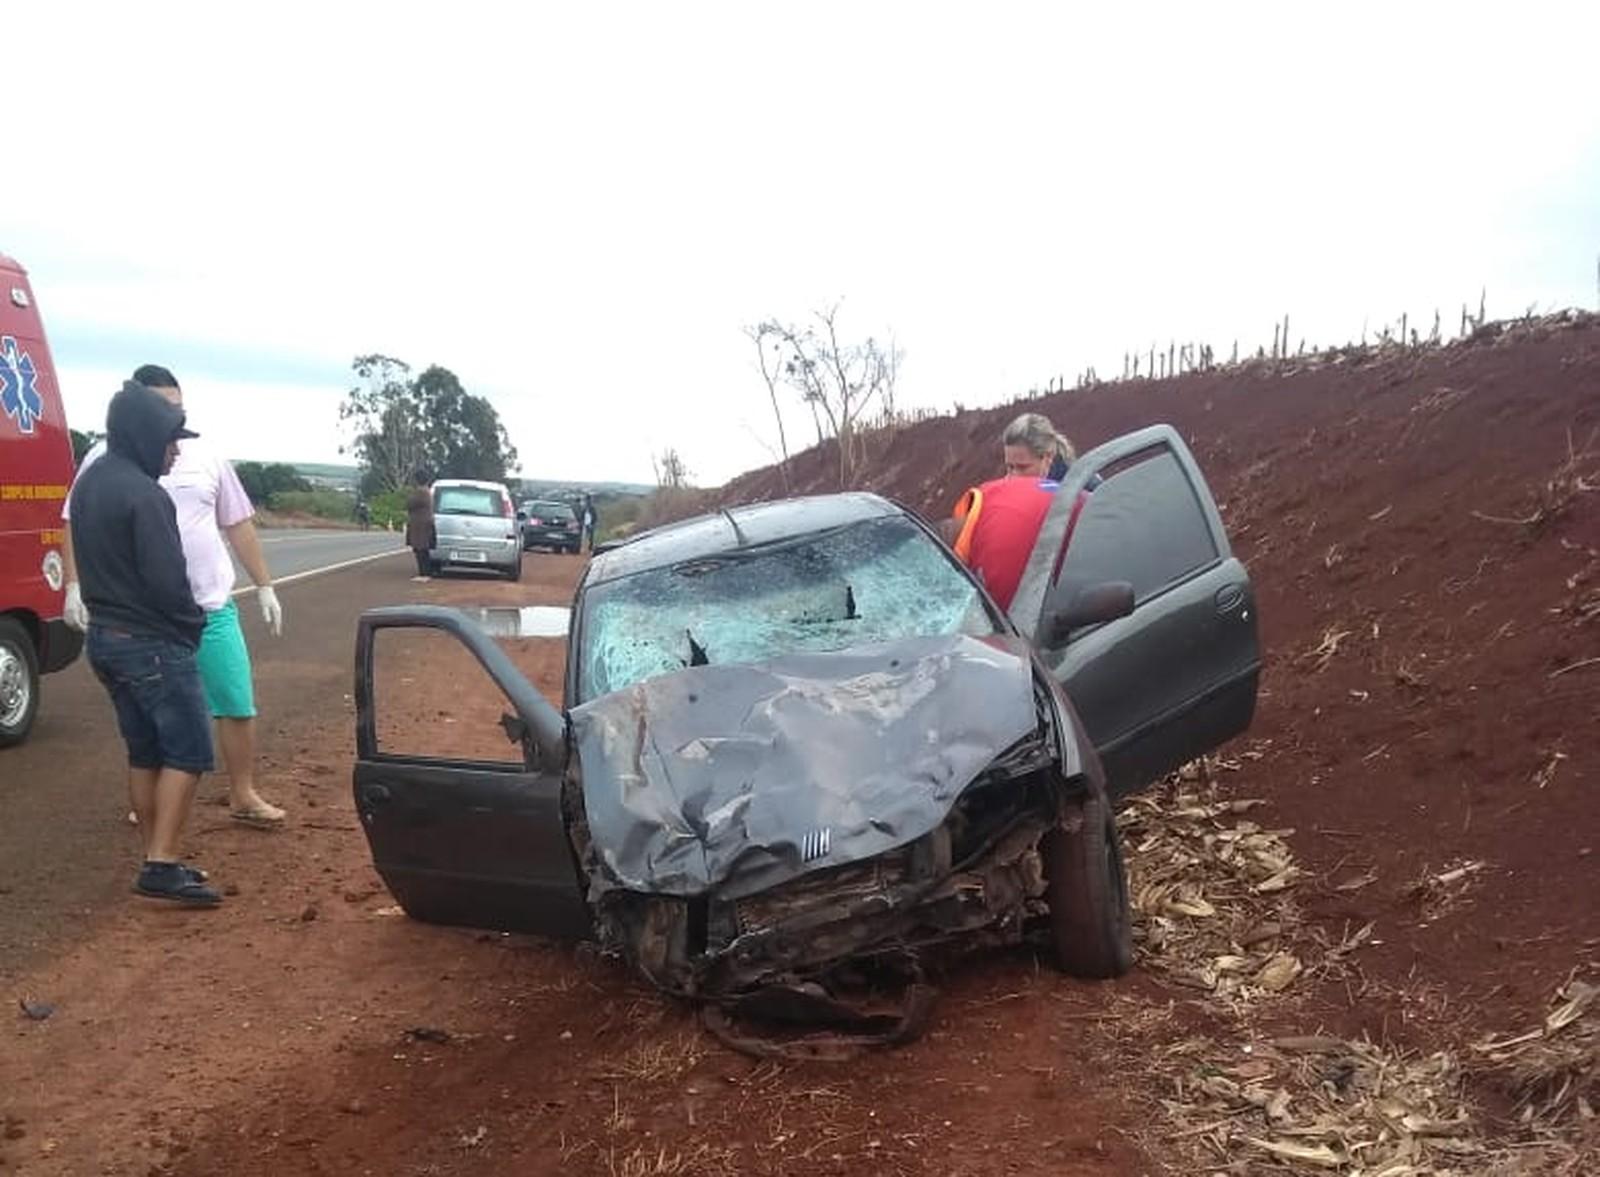 Jovens foram atropelados em Santa Cruz do Rio Pardo — Foto: Arquivo pessoal